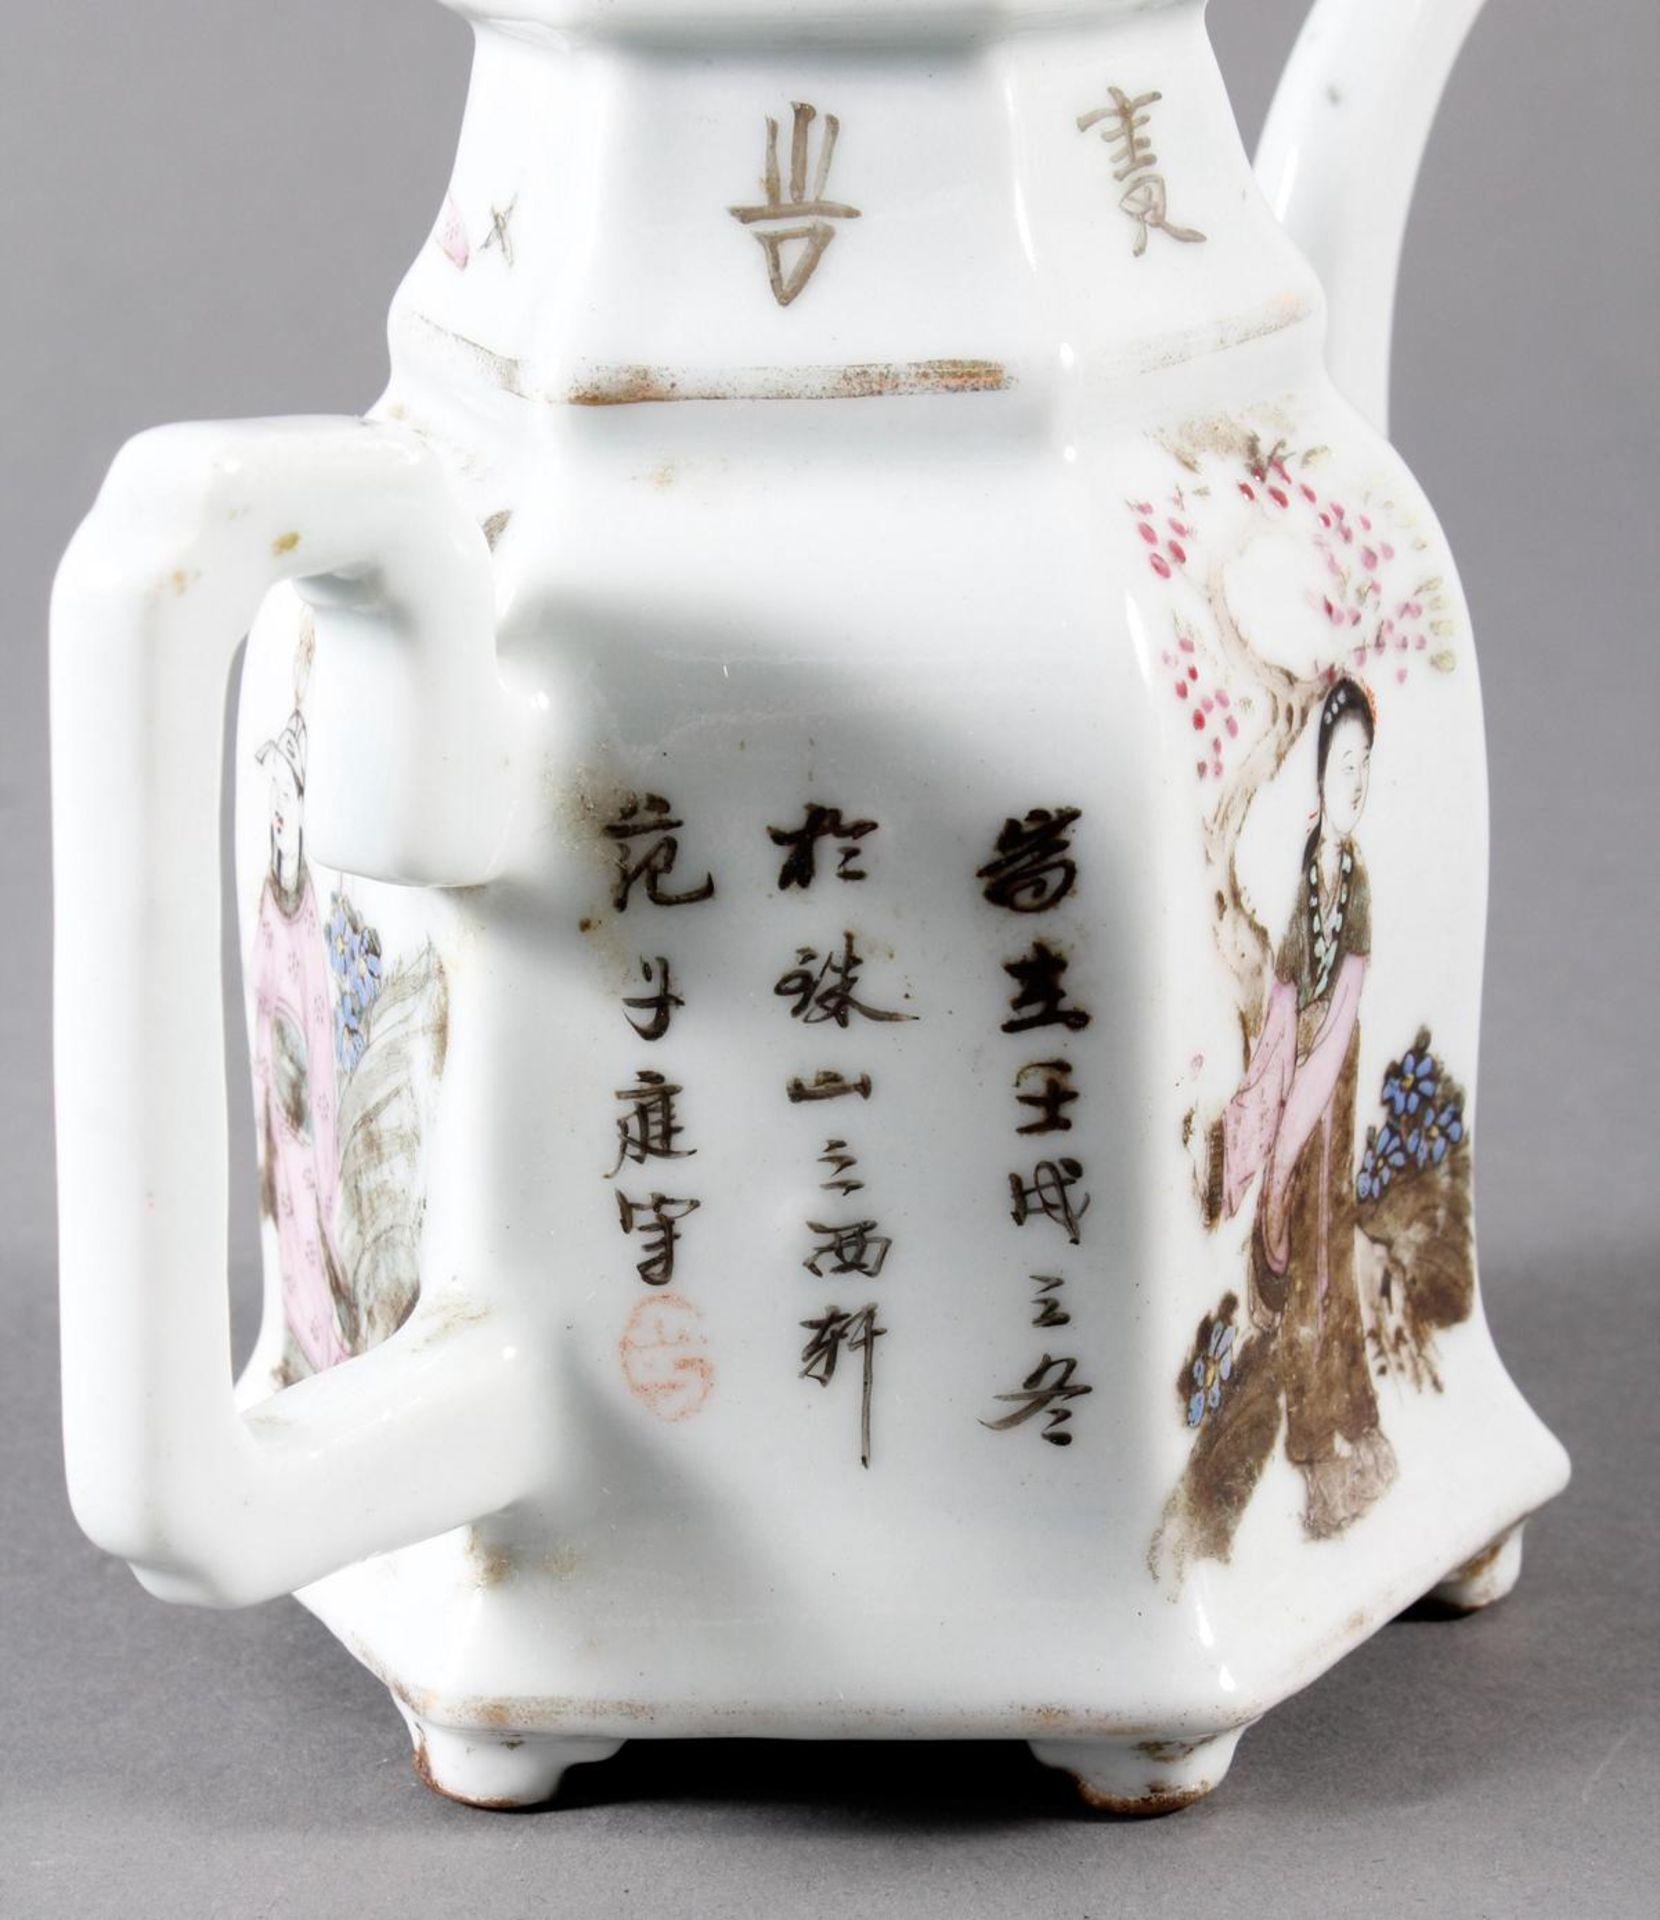 Porzellan Teekann, China, 19. Jahrhundert - Bild 8 aus 15